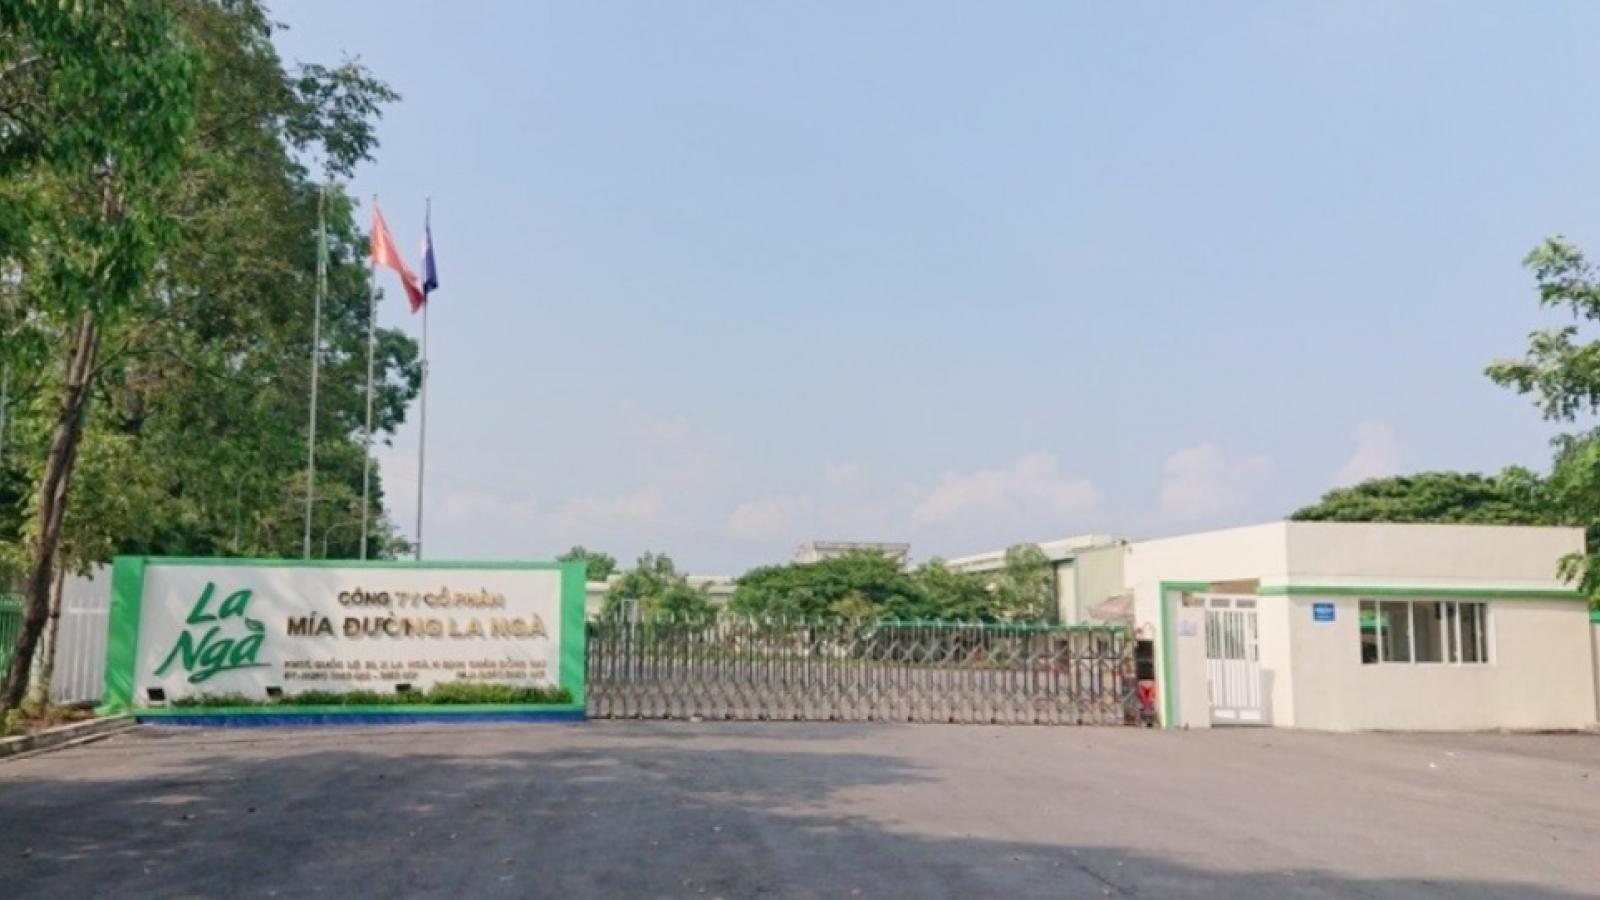 Một công ty ở Đồng Nai bị xử phạt hơn 4 tỷ đồng vì gây ô nhiễm môi trường